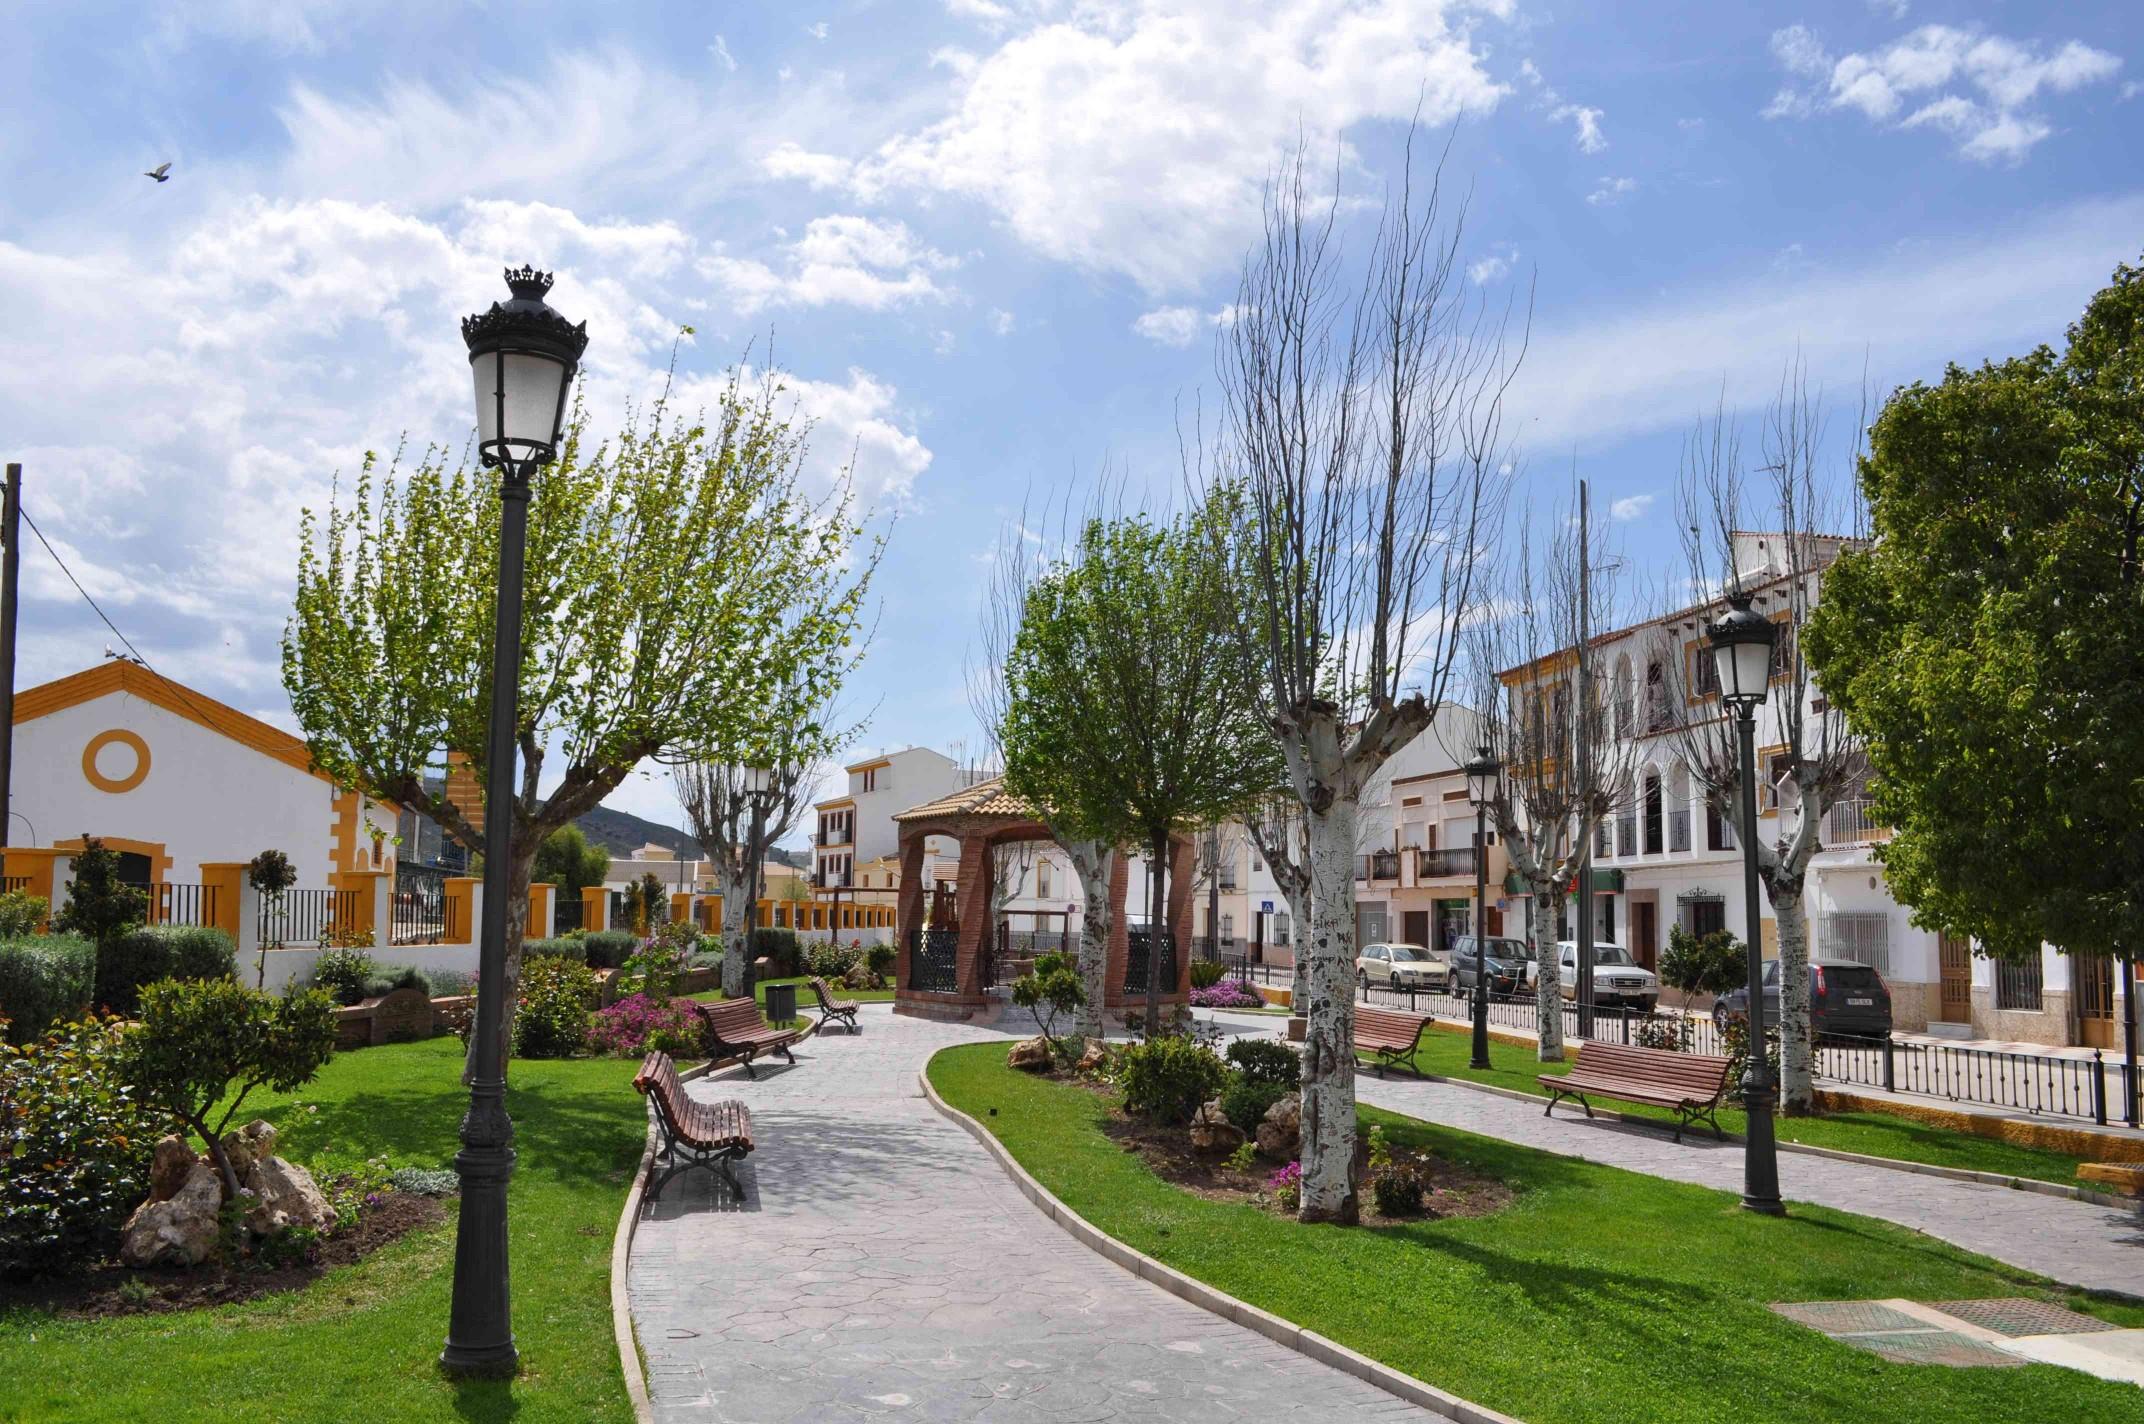 El ayuntamiento de almargen realiza mejoras en los parques for Jardines y parques